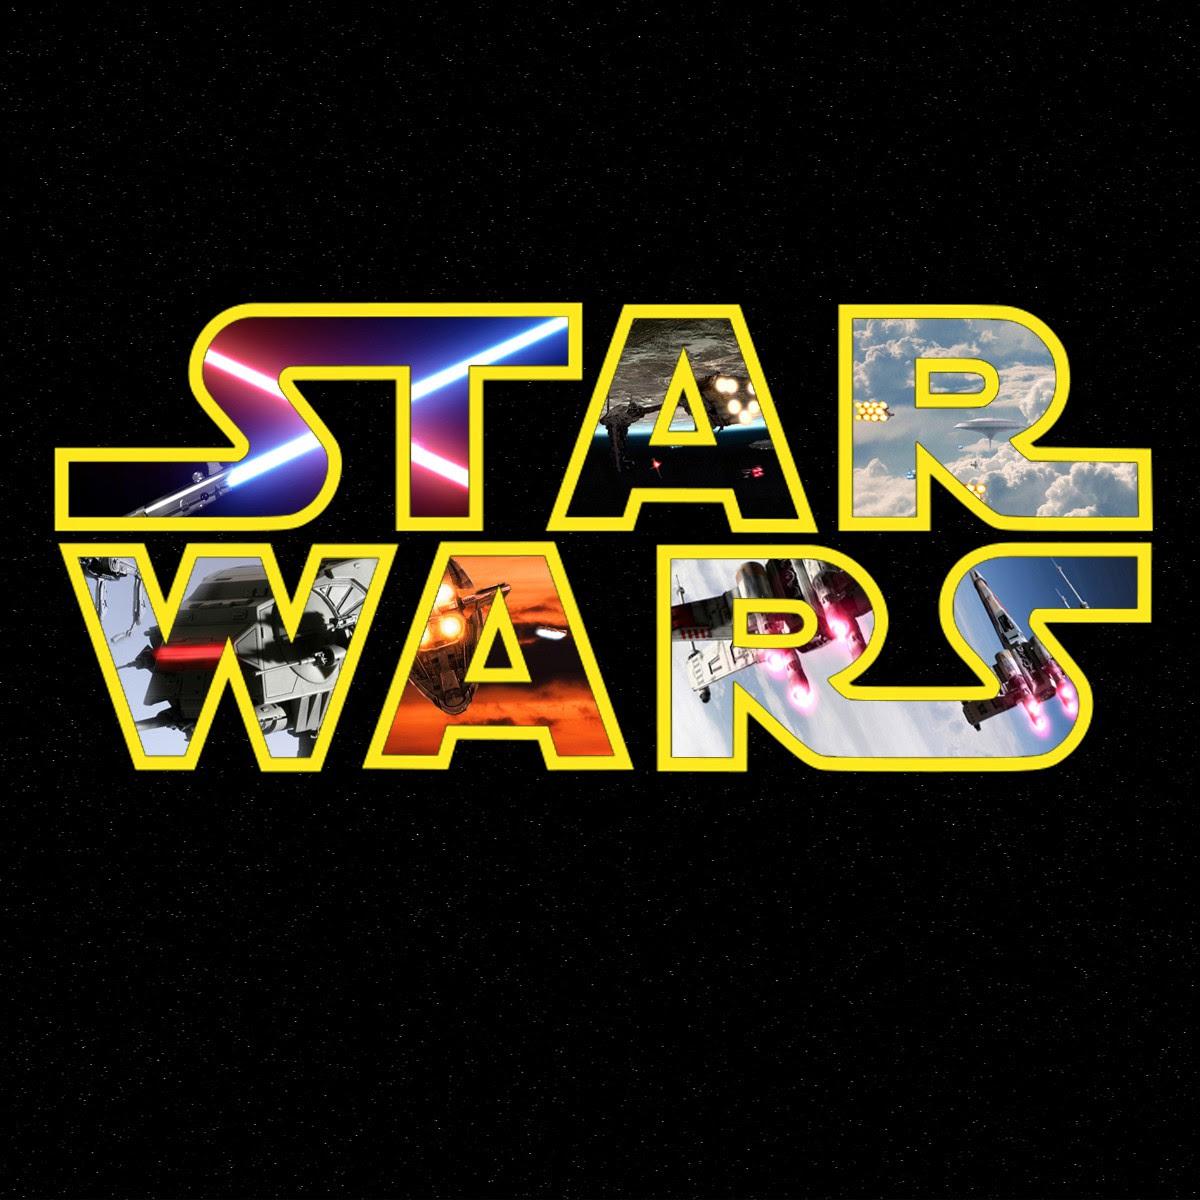 Risultati immagini per star wars